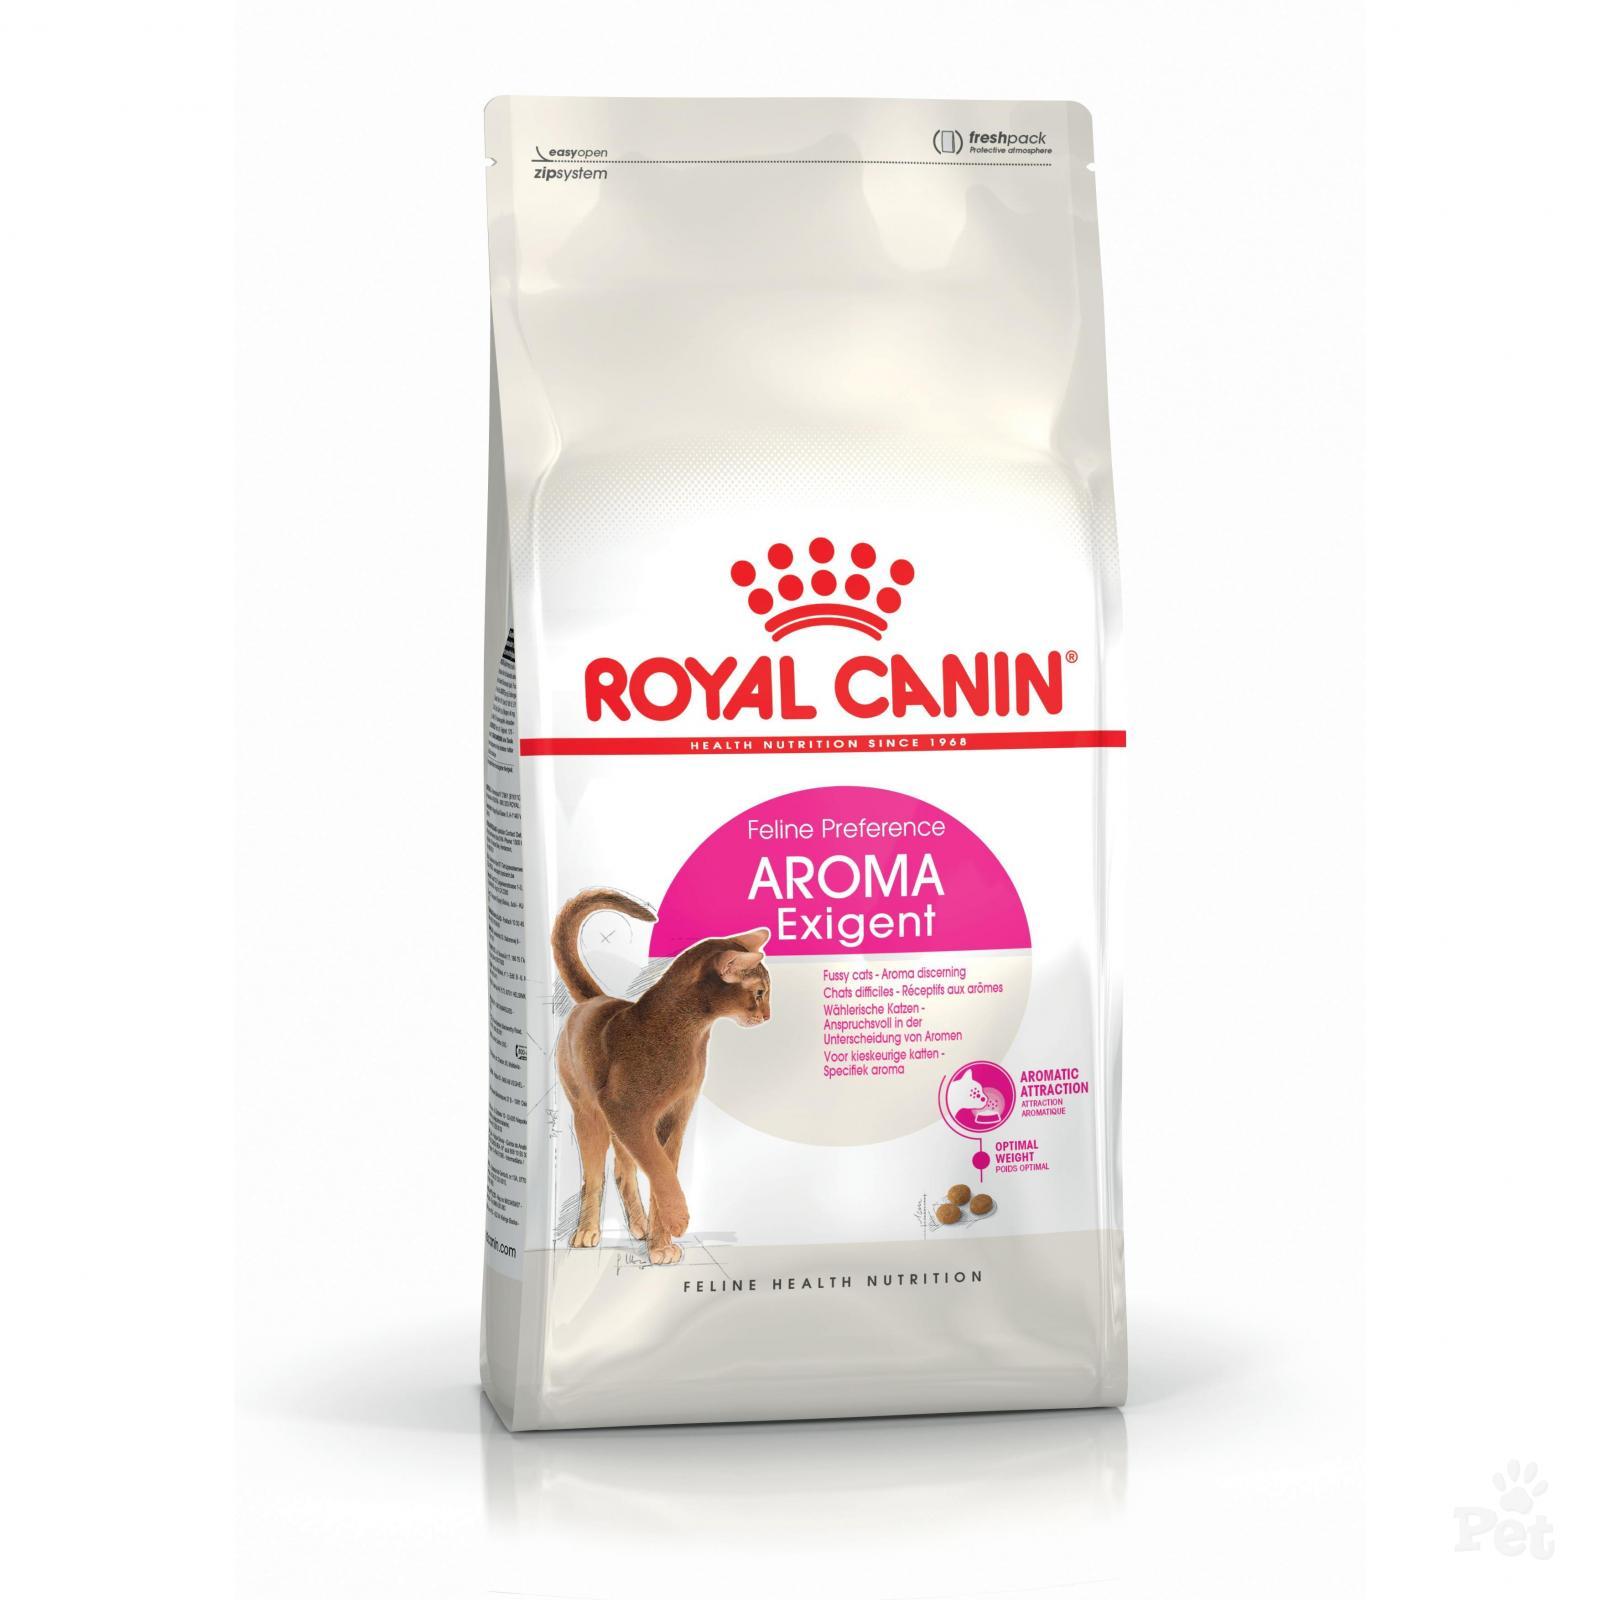 Royal Canin Exigent Aroma Cat Храна за Изключително капризни котки